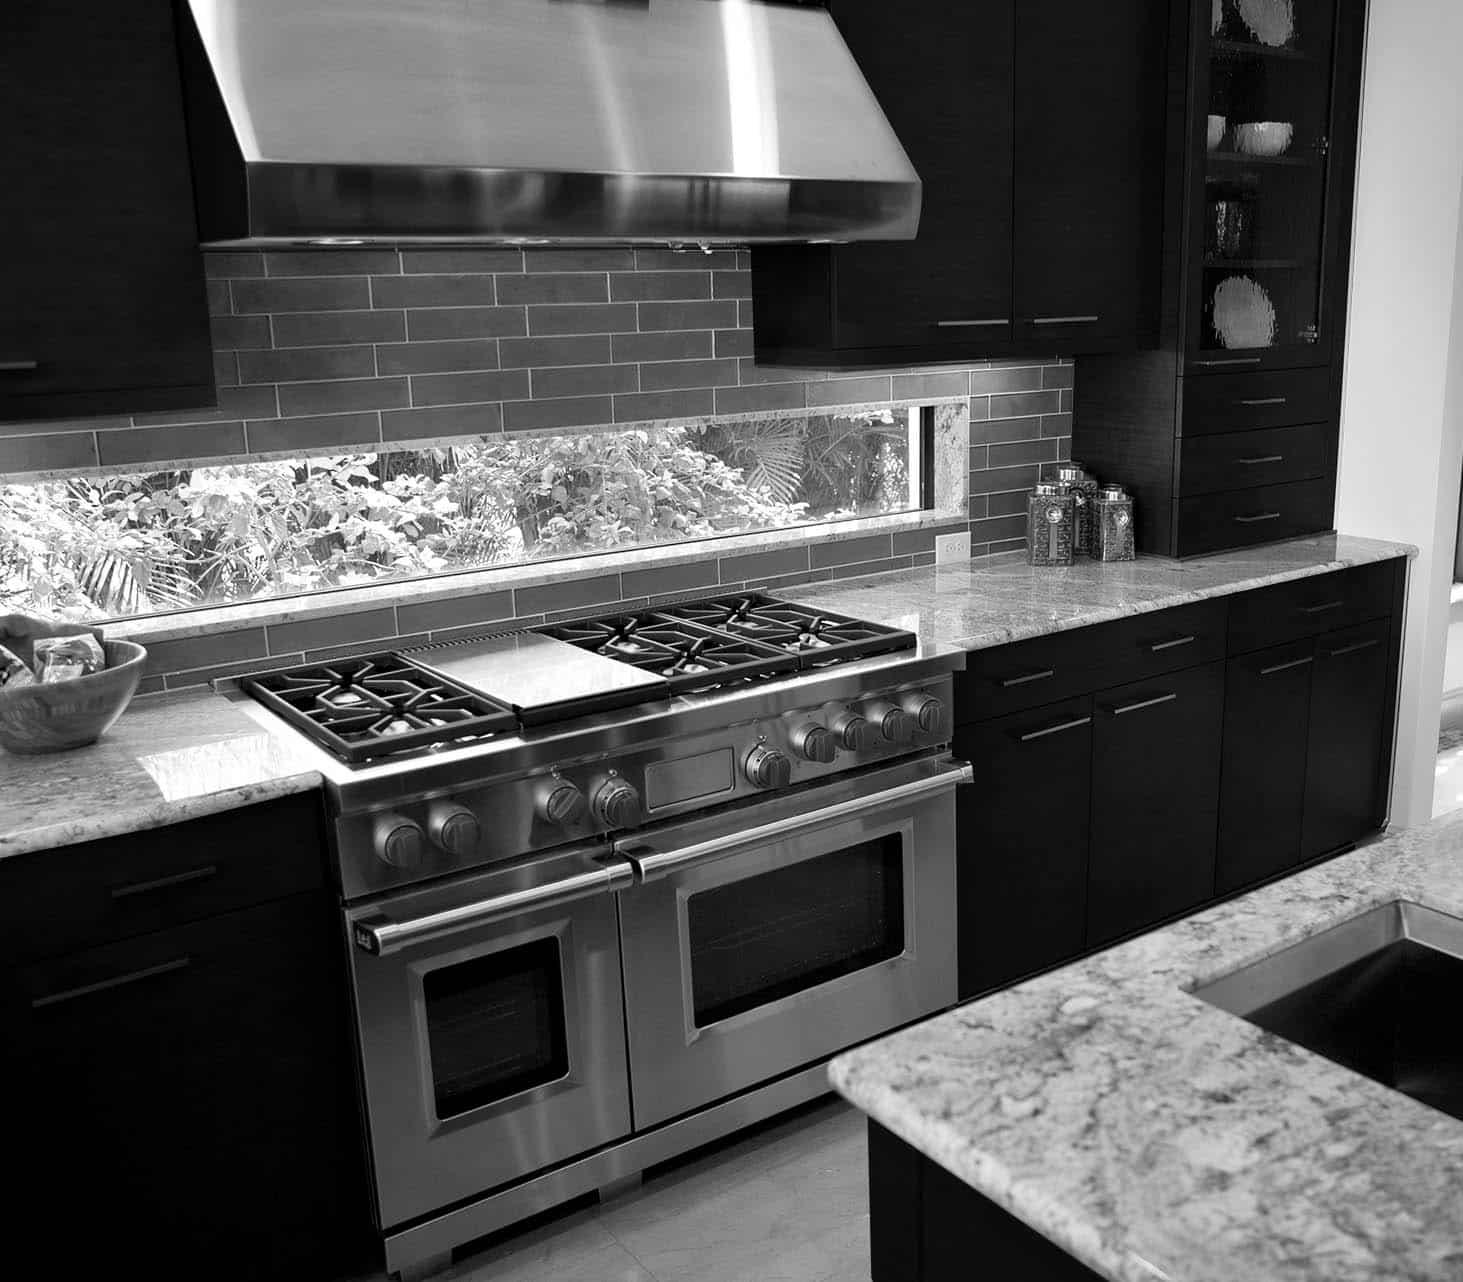 מטבחים מעץ חברות מטבחים המוכרות מטבחים לפי הזמנה בעלי ניסיון רב עם הרבה וותק שיודעים לספק כל סוגי המטבחים לכל דורש תוך כדי אפיון דרישות הלקוח ומסירת המטבח